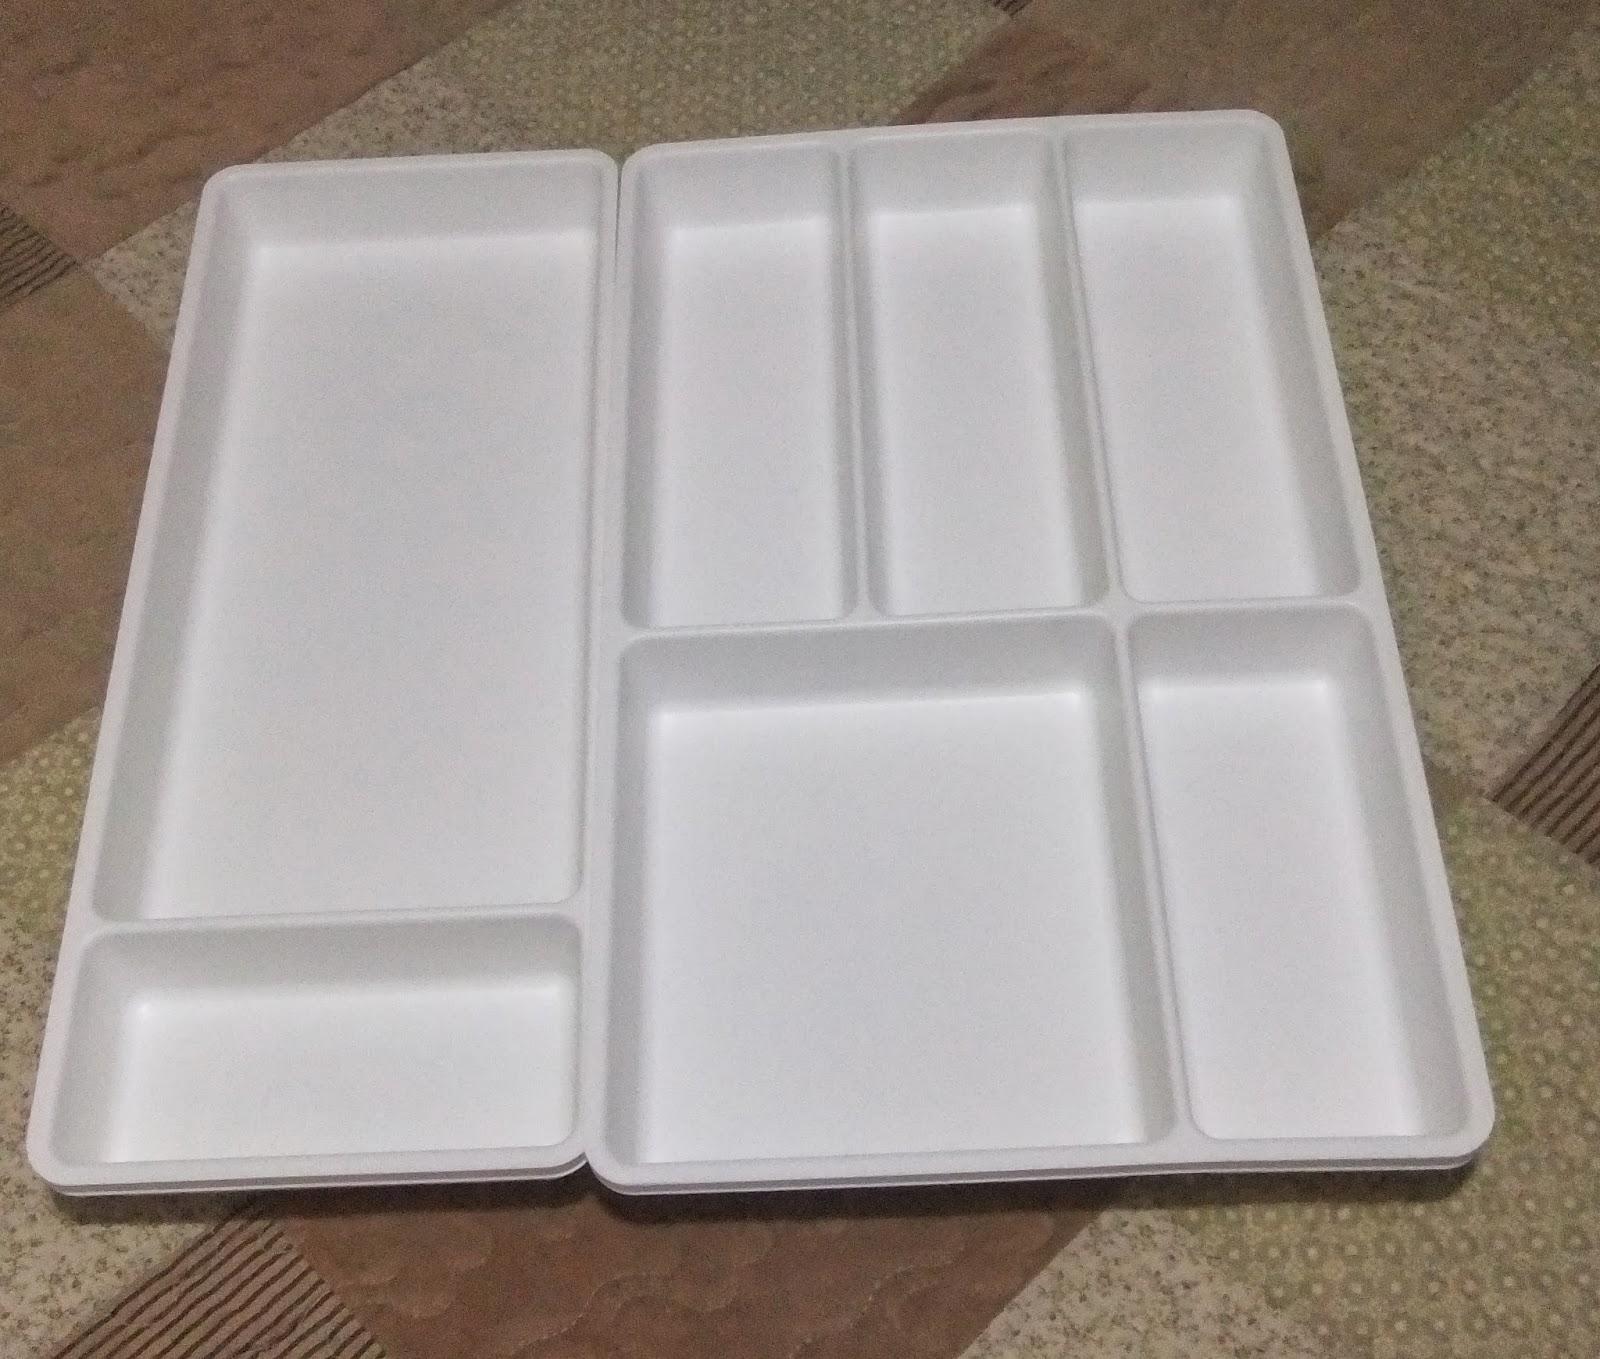 Bu  ekmece d zenleyici 5 99 tl di mutfak  ekmeceleri i in  retilmi  ama ben  makyaj malzemelerimi d zenlemekte kullanaca  m. kea  ekmece i i d zenleyiciler   Sevginin Makyaj Defteri